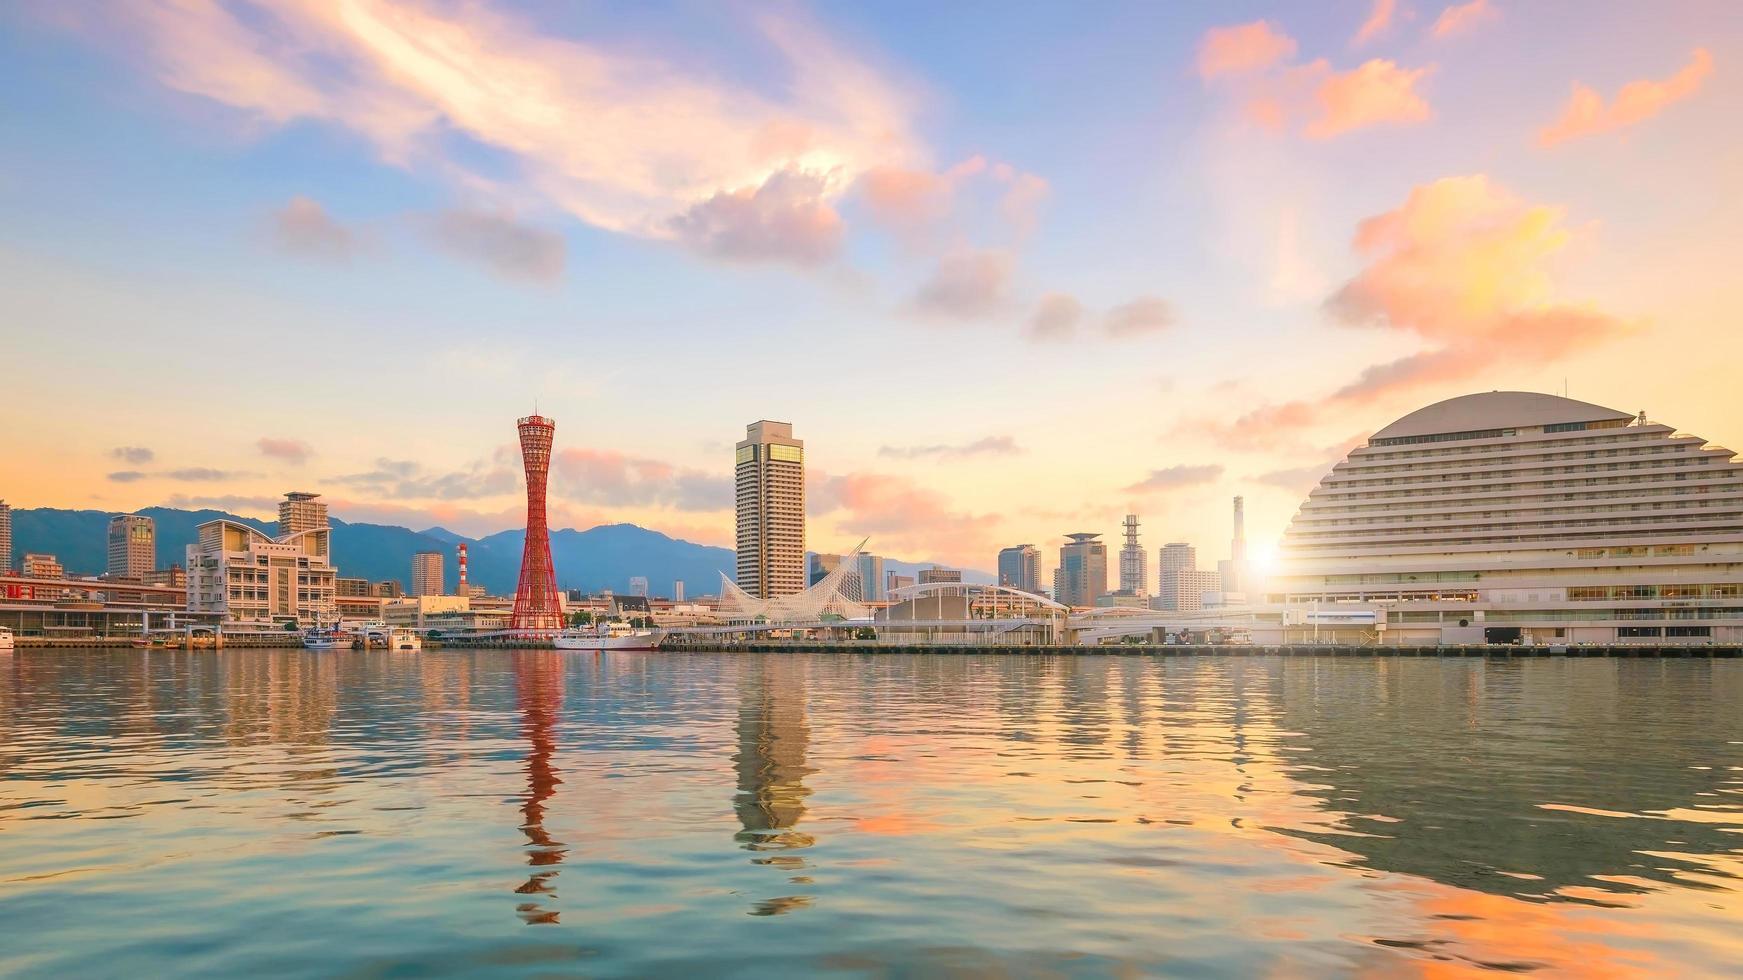 horizonte y puerto de kobe en japón foto